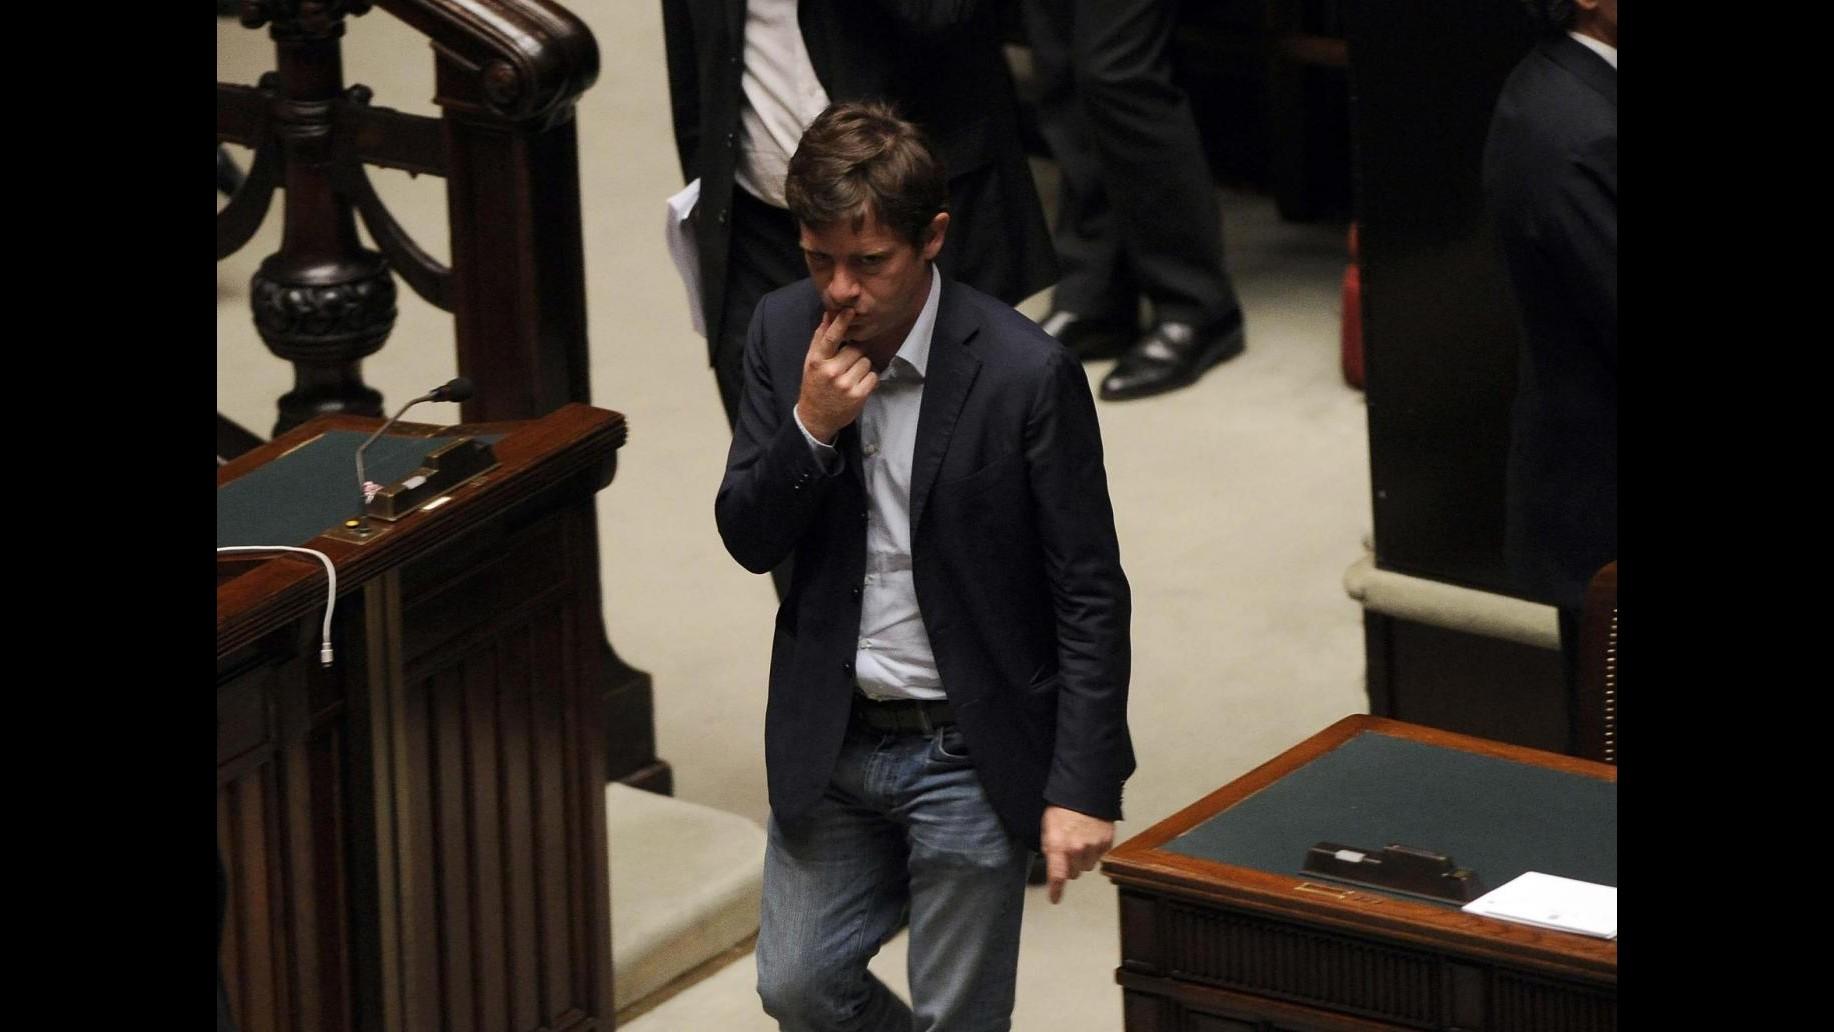 Lavoro, Civati (Pd): Su articolo 18 Renzi tradisce mandato primarie